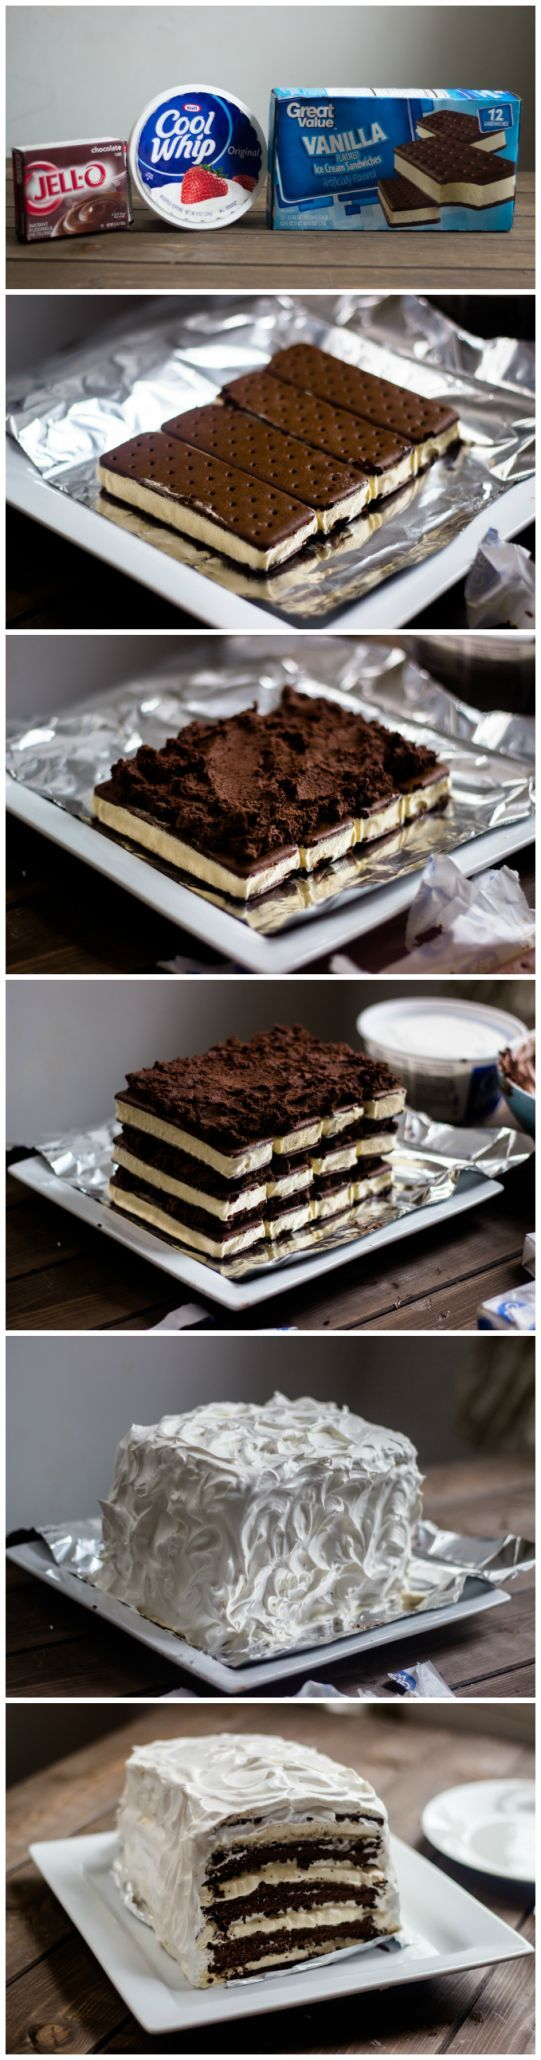 Easy Chocolate Vanilla Ice Cream Cake (with ice cream sandwiches)